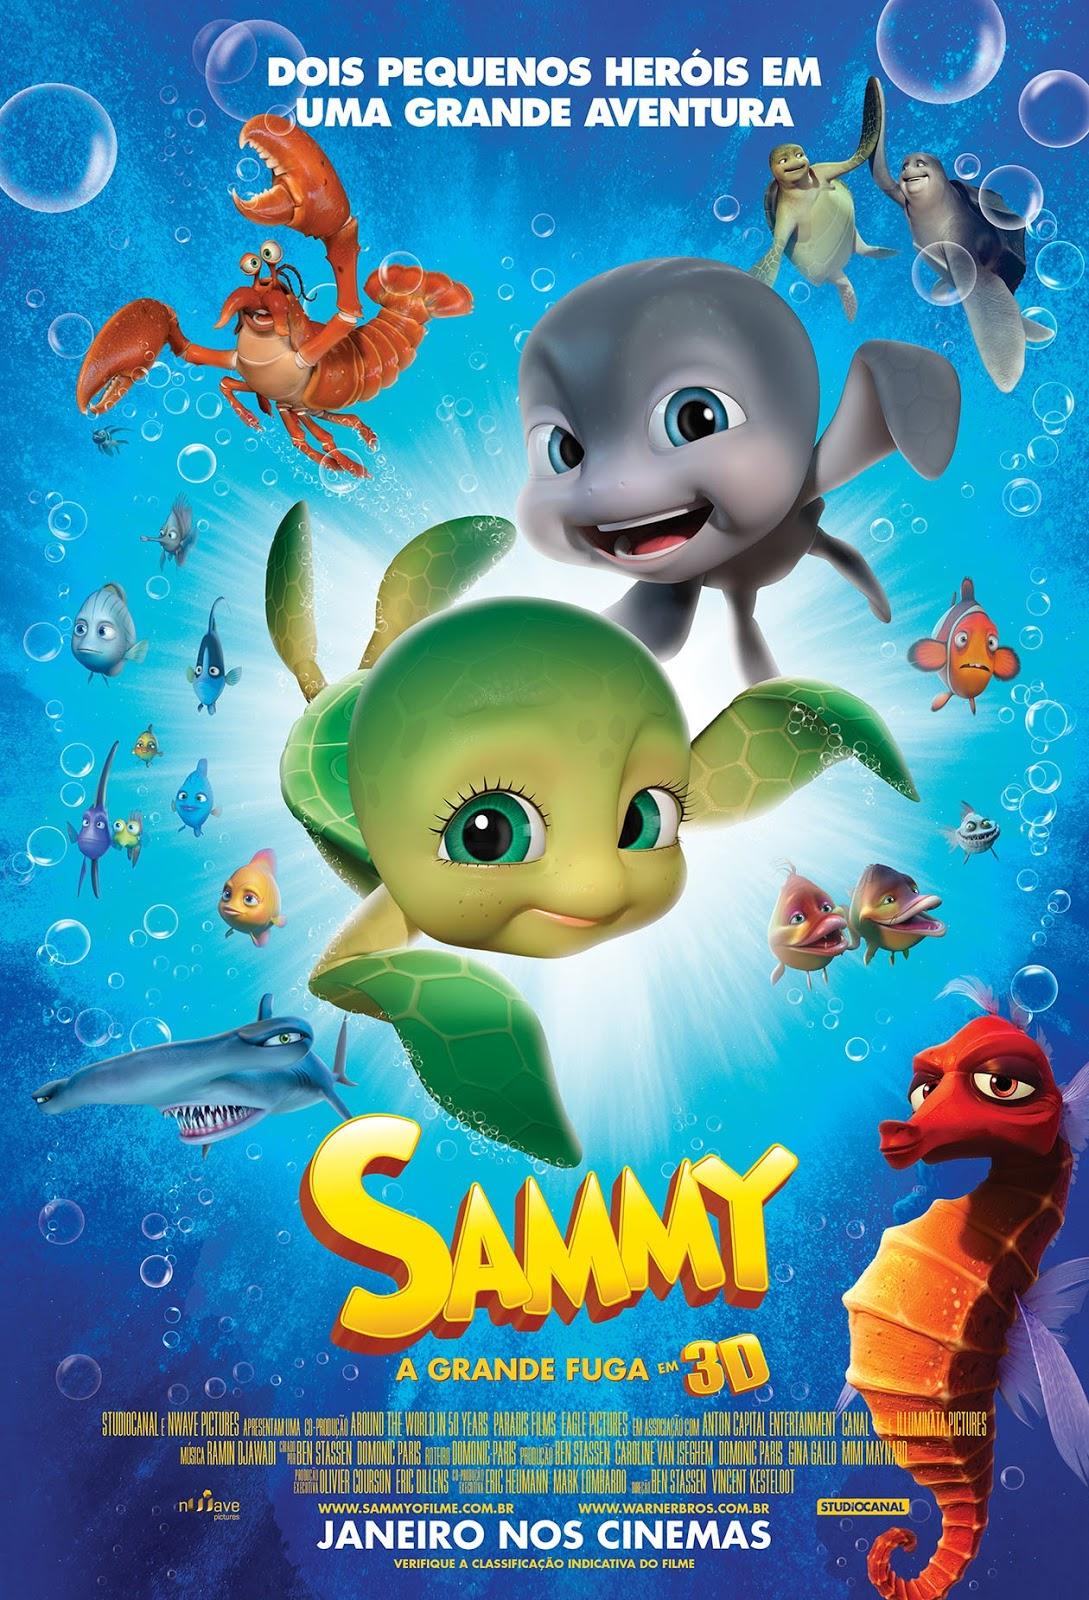 Sammy: A Grande Fuga Dublado 2013